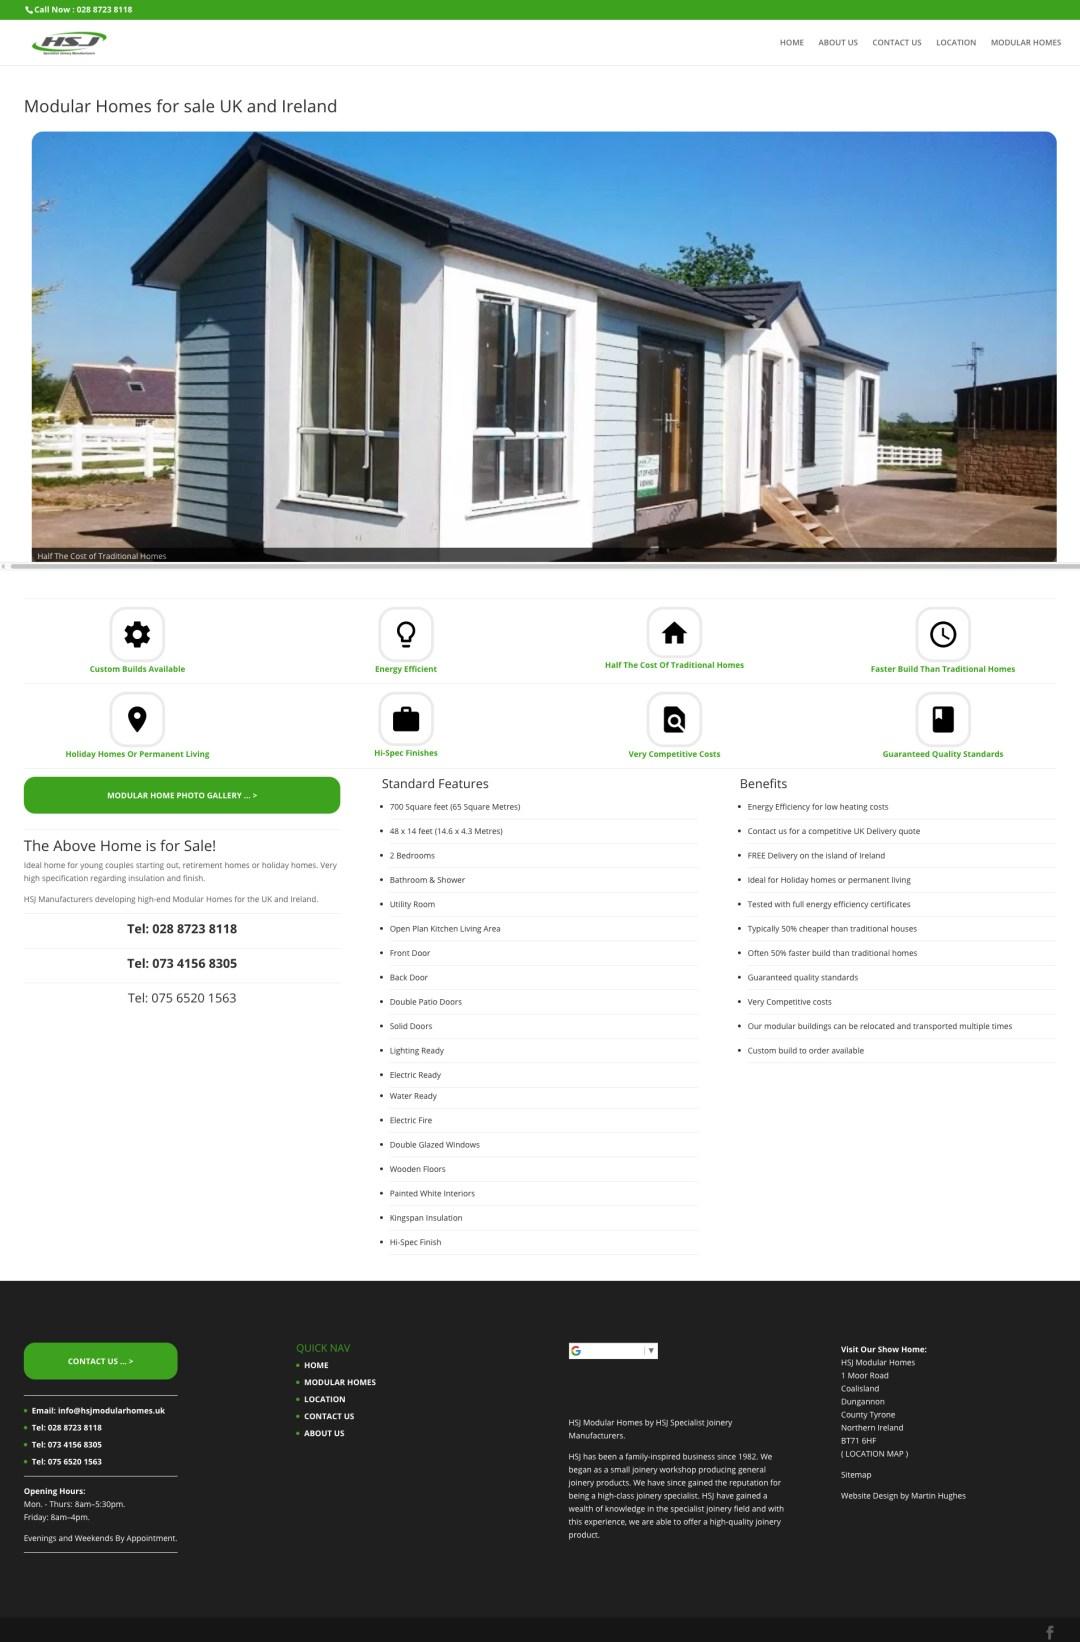 HSJ Modular Homes website screenshot